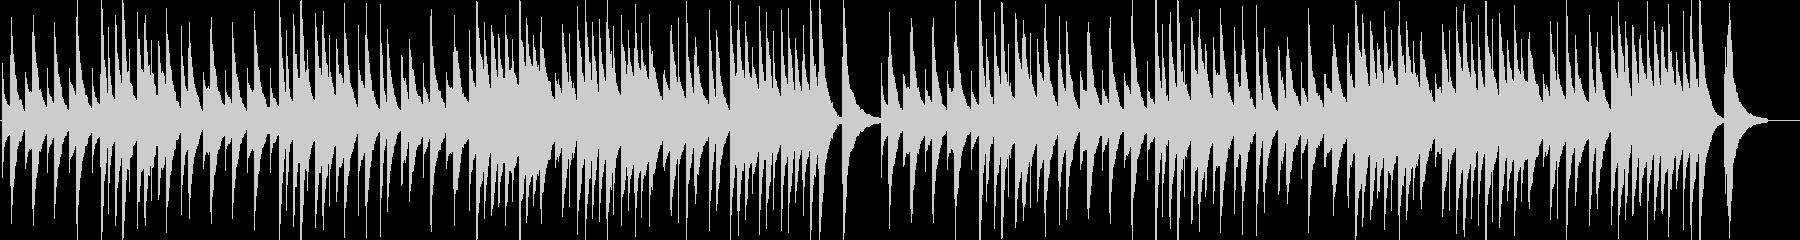 ジムノペディ第1番のオルゴール音源の未再生の波形